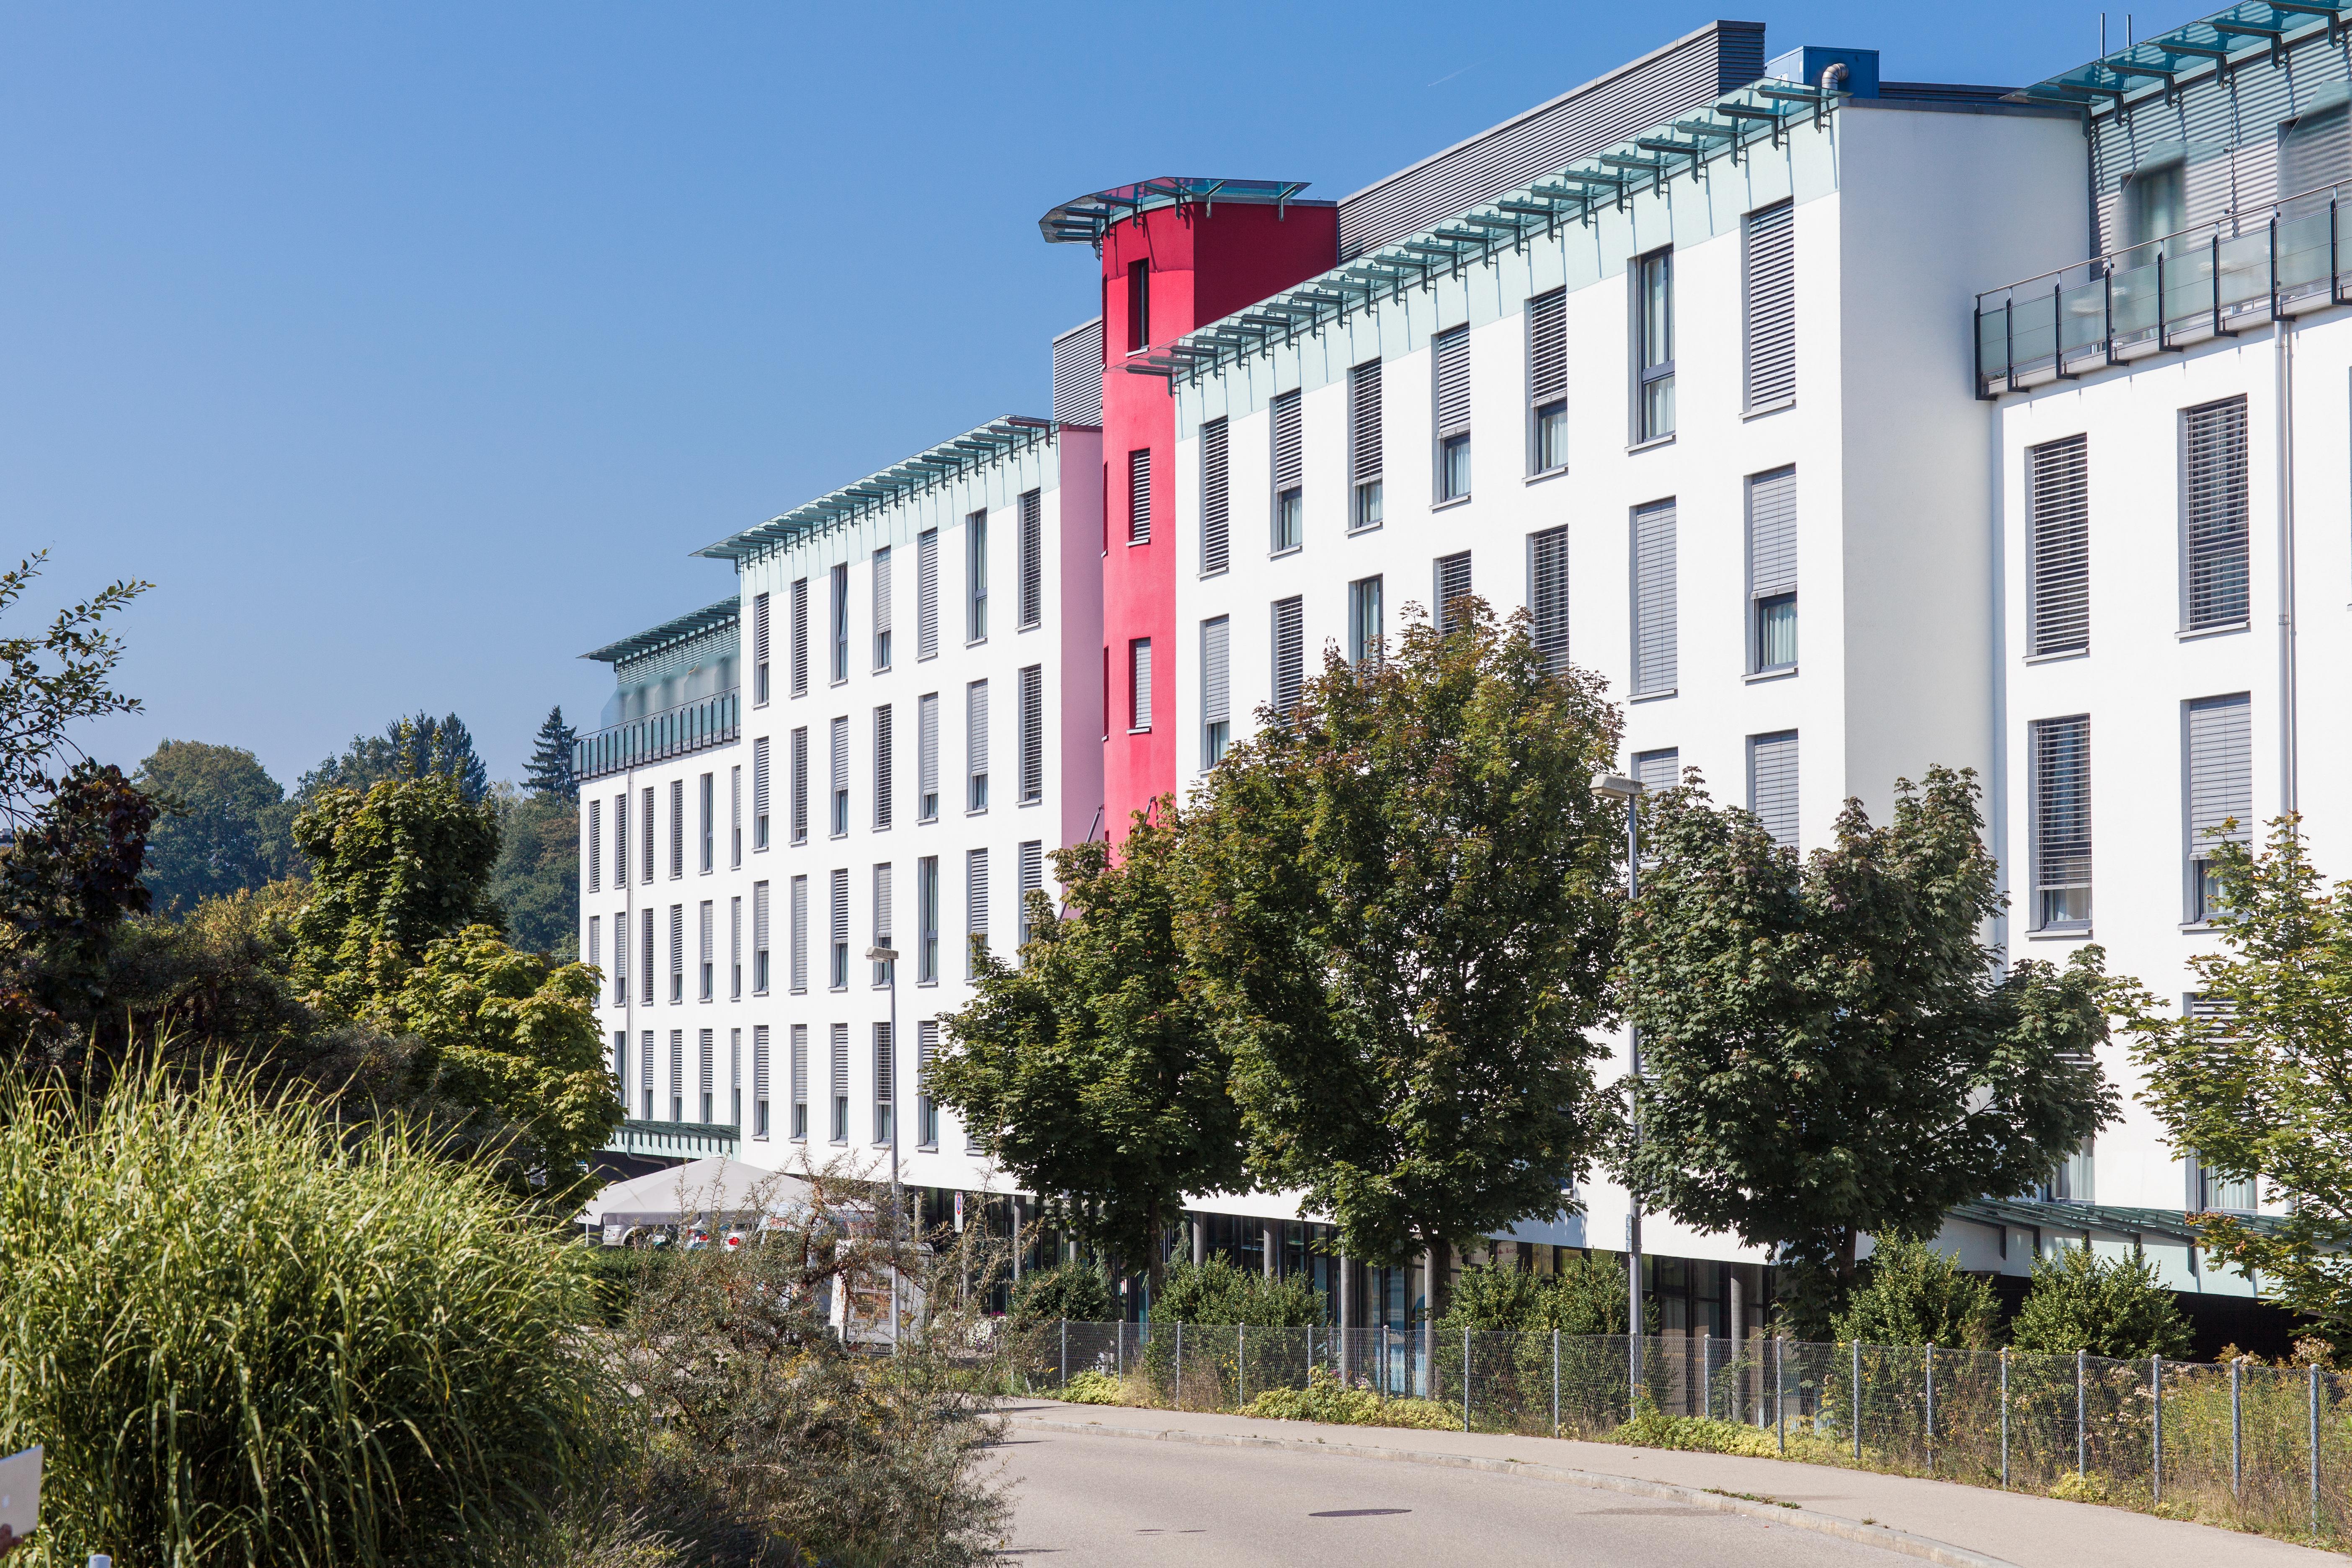 Allegra, Bülach